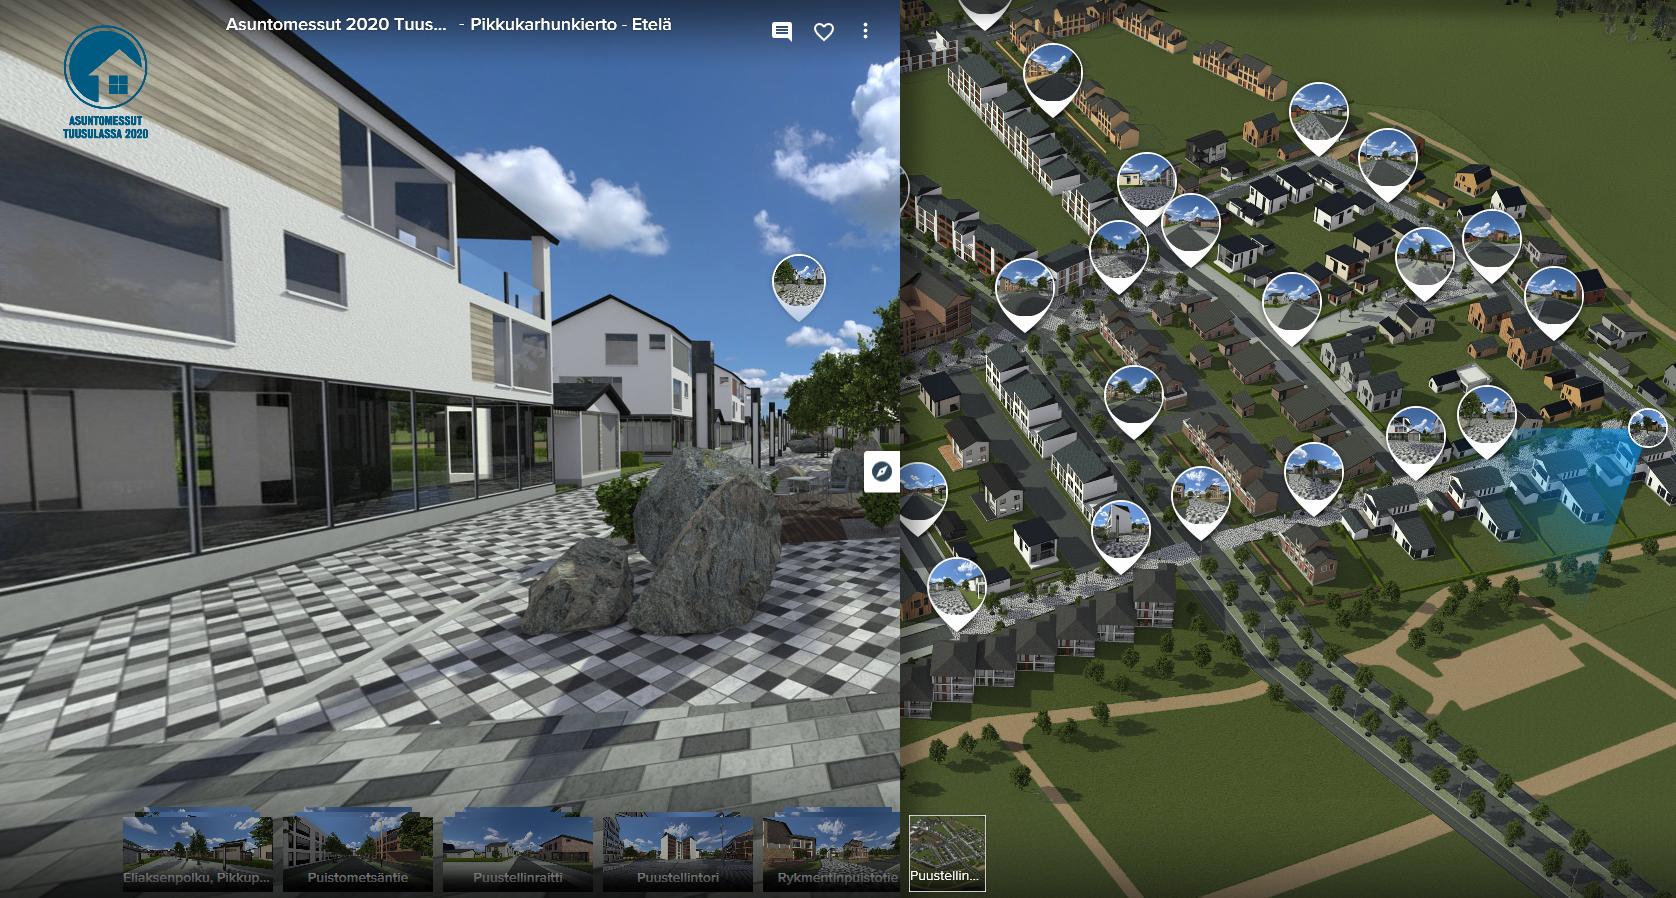 virtuaalikarttamalli_Asuntomessut2020